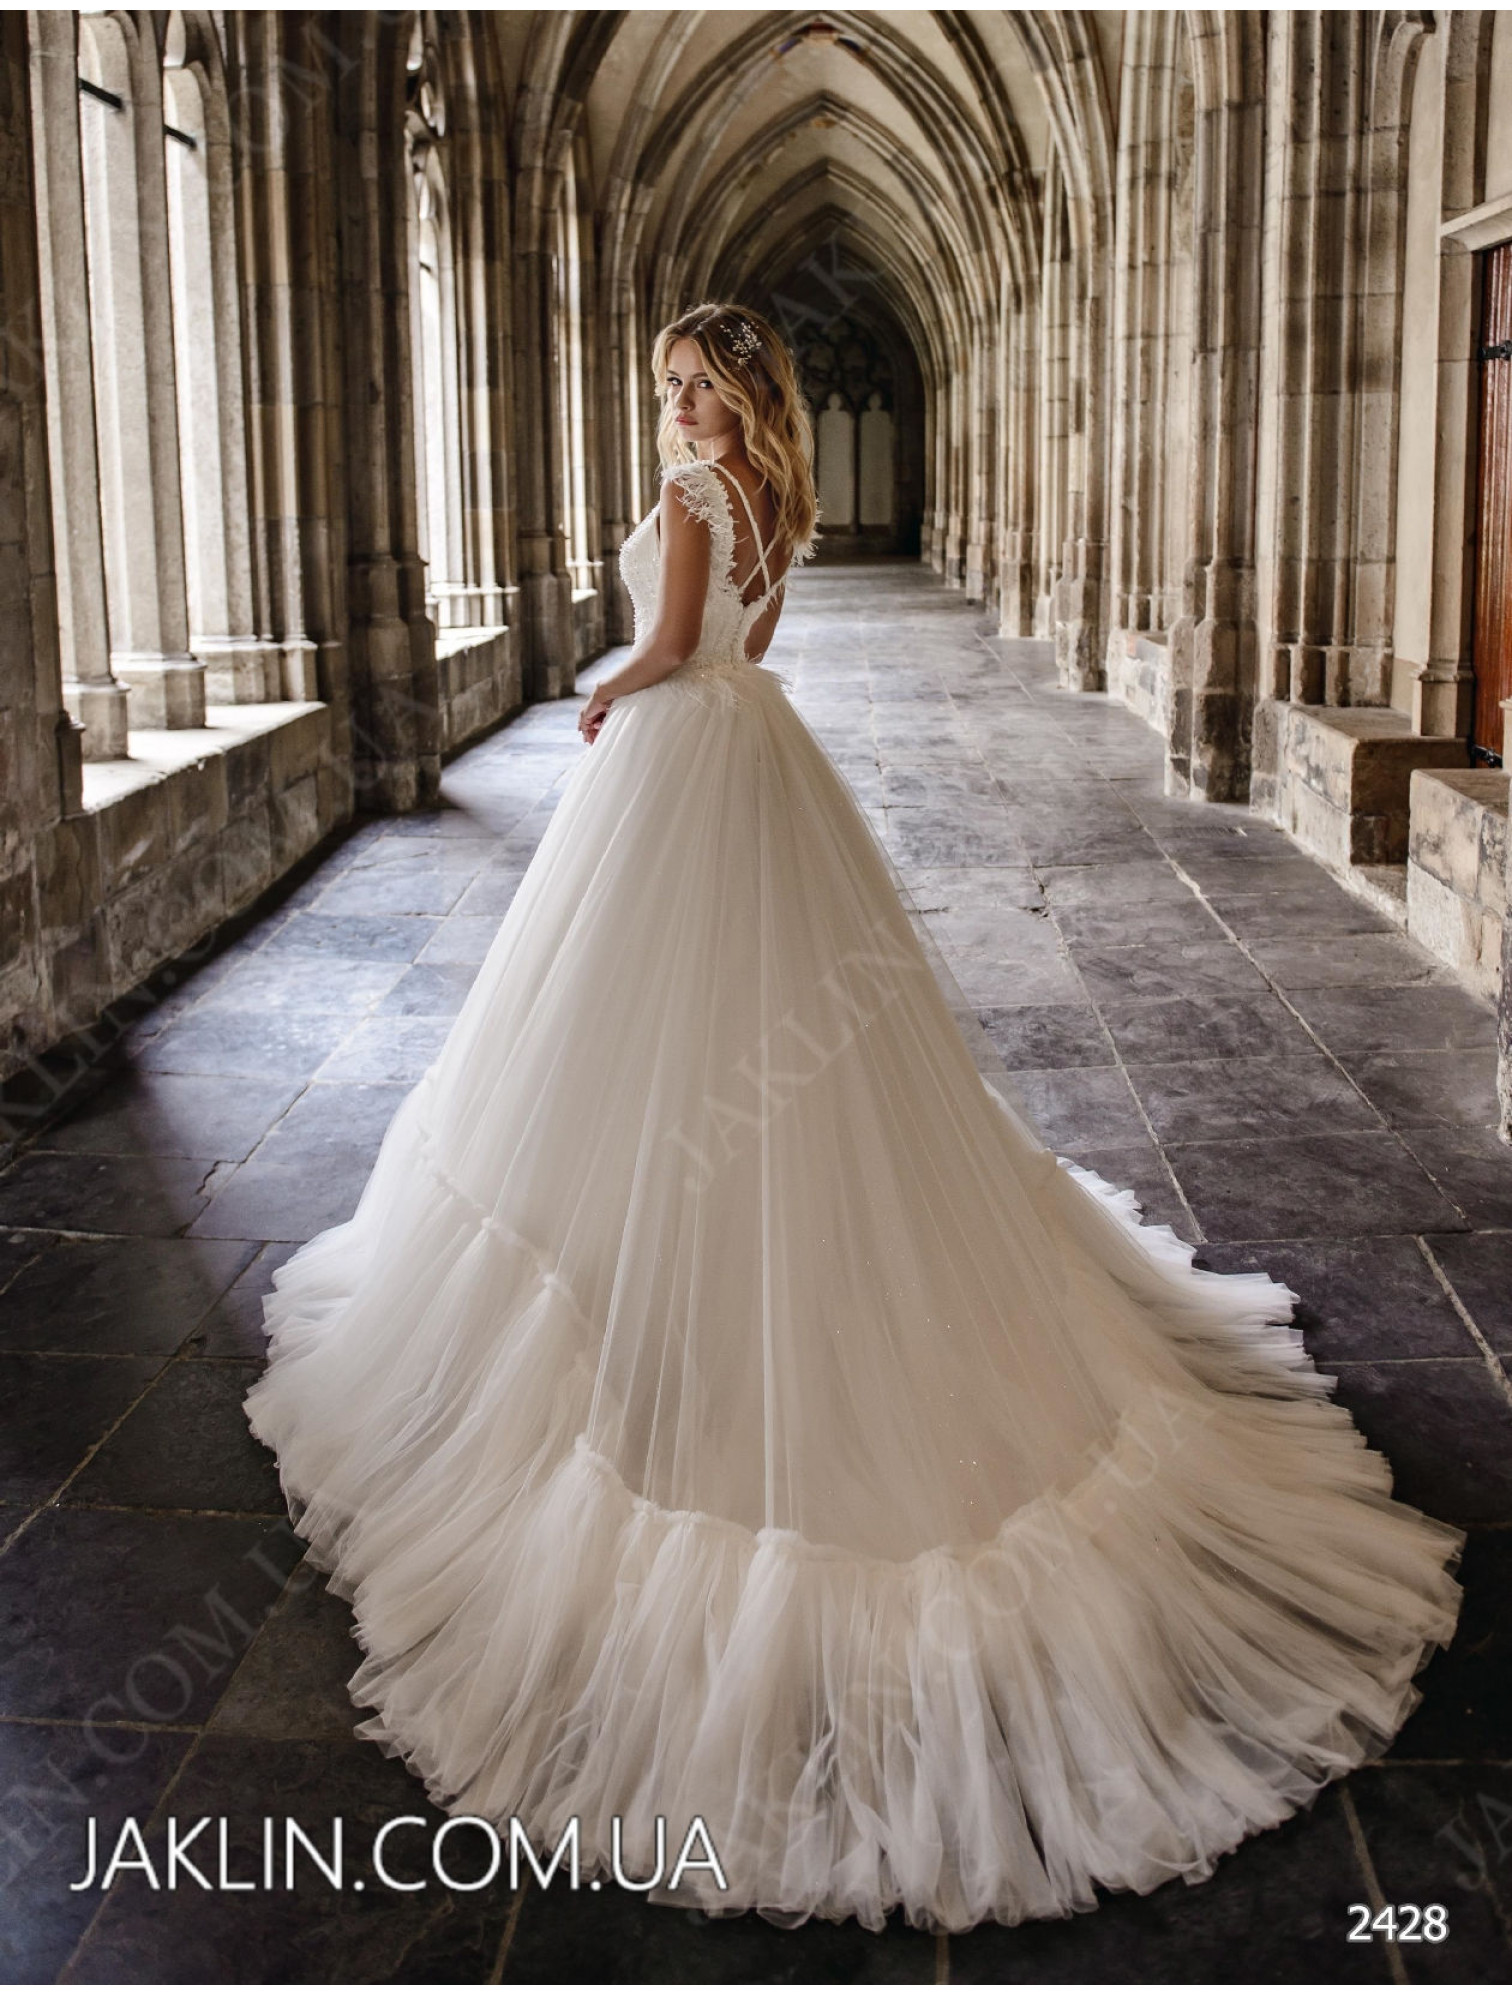 Свадебное платье 2428